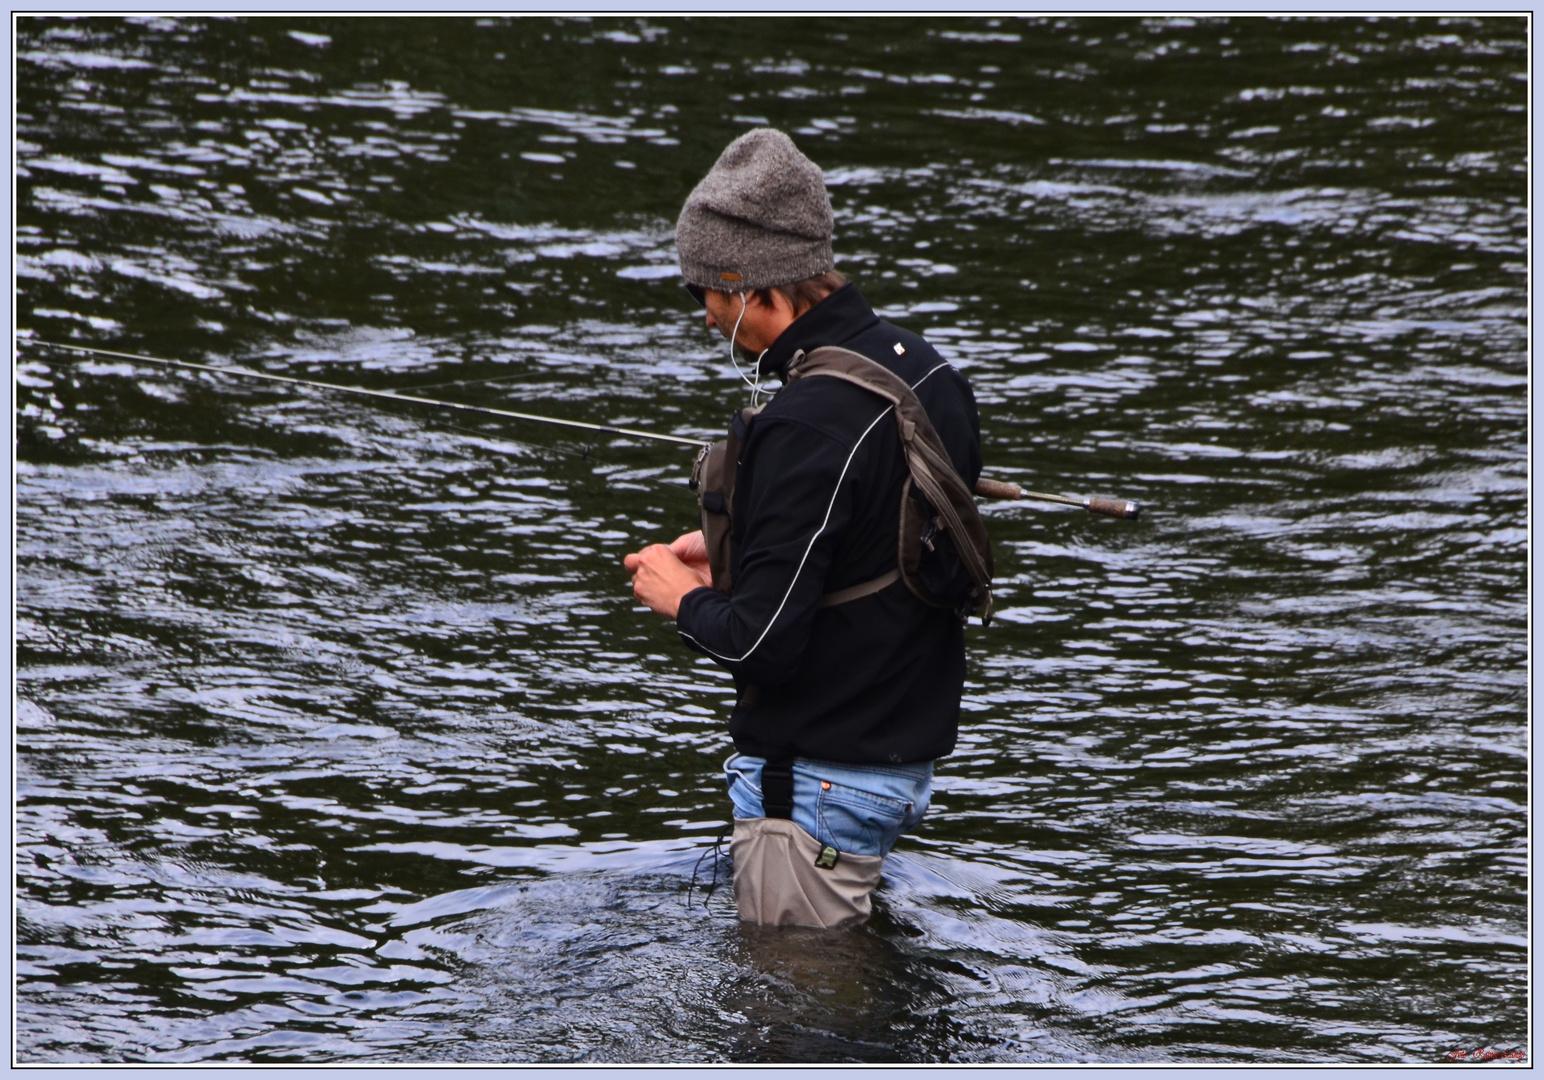 ´´´) Angler (```